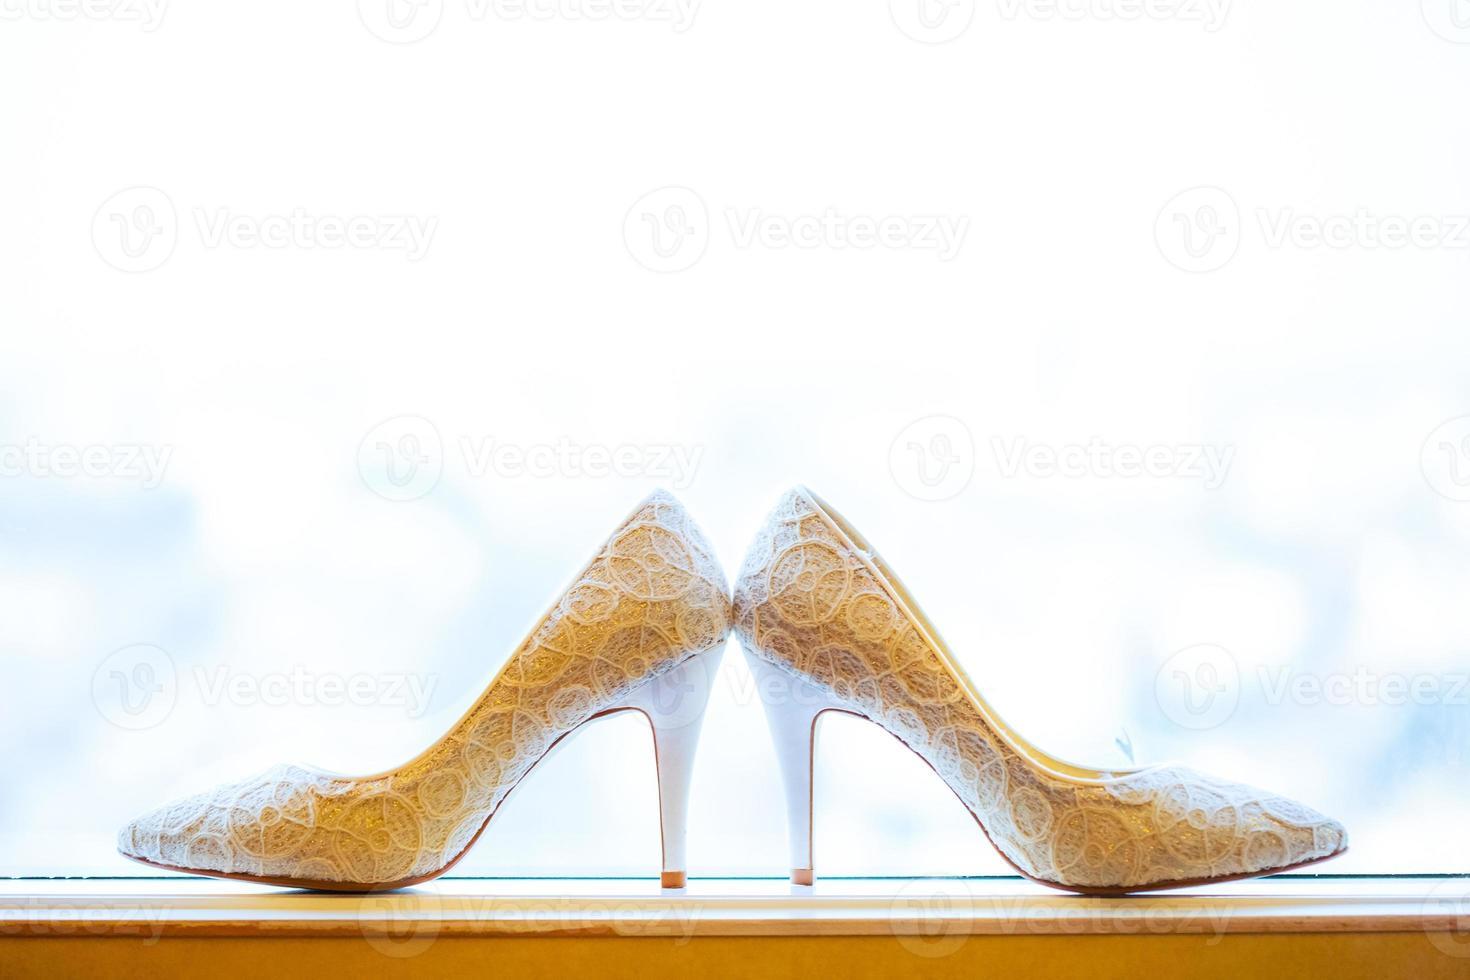 bruidsschoenen in een raam foto